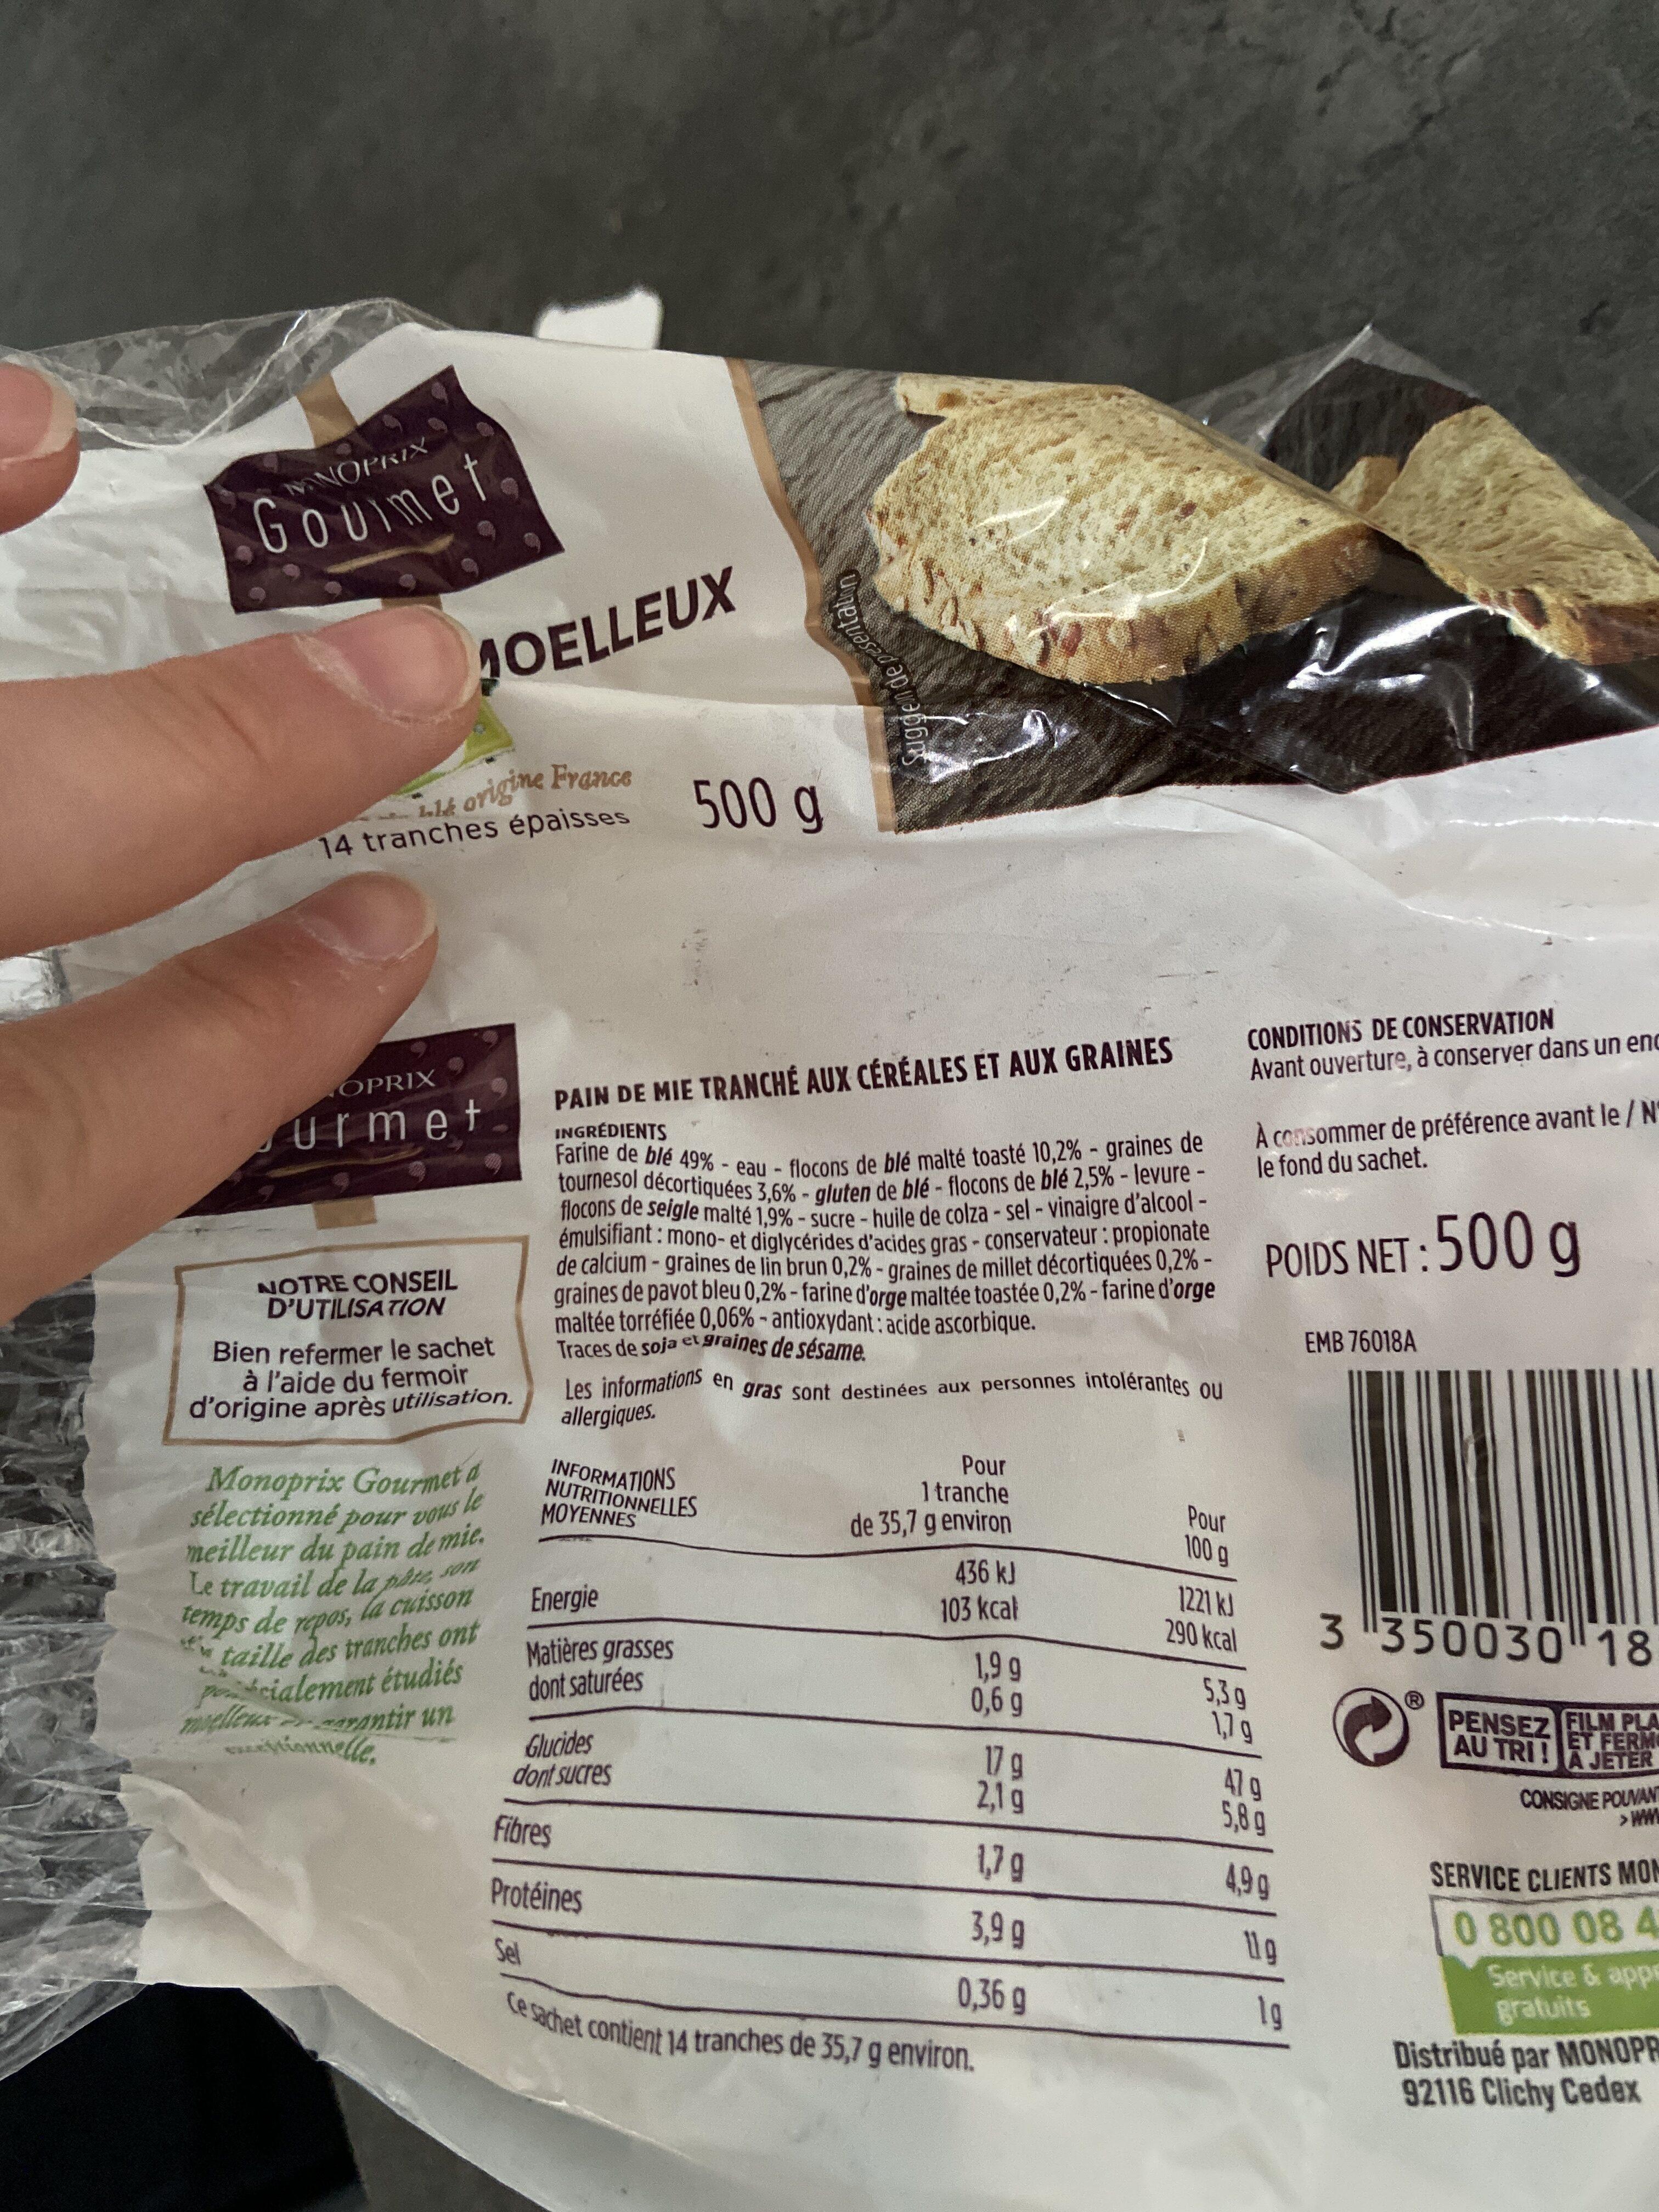 Pain de mie moelleux aux céréales - Ingredienti - fr